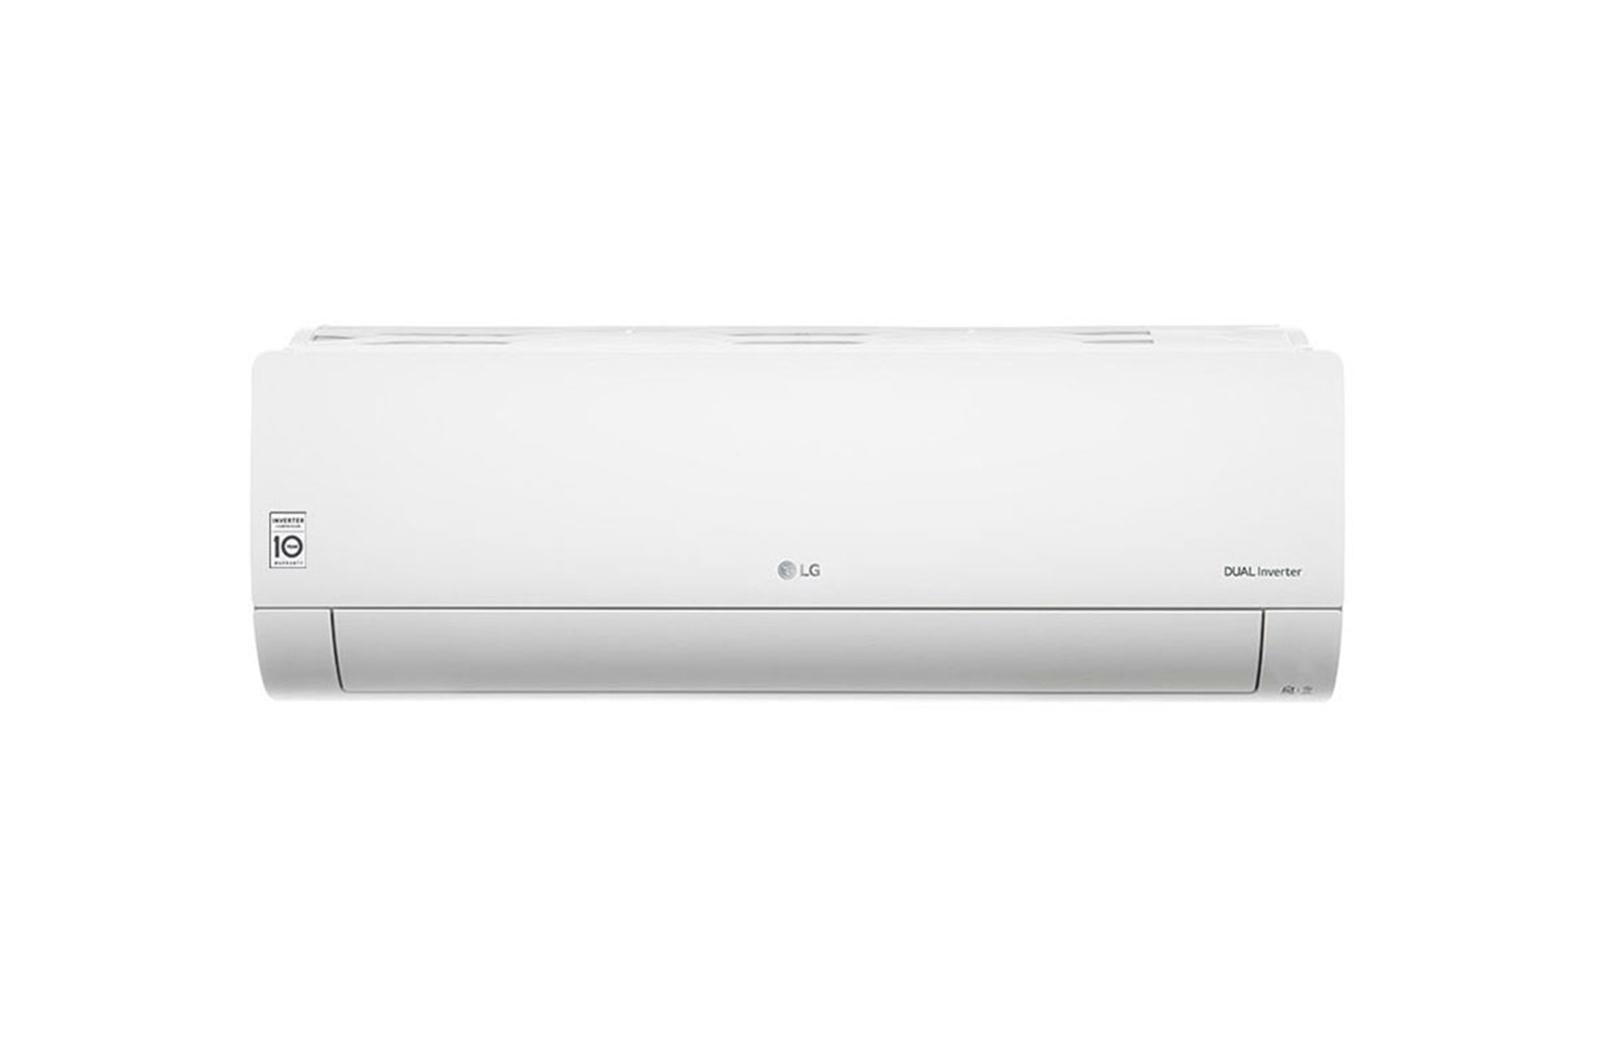 แอร์บ้านราคาถูก By Sntairhome | LG (Dual Inverter) IG13R.SE ขนาด 12,000 BTU น้ำยา R32